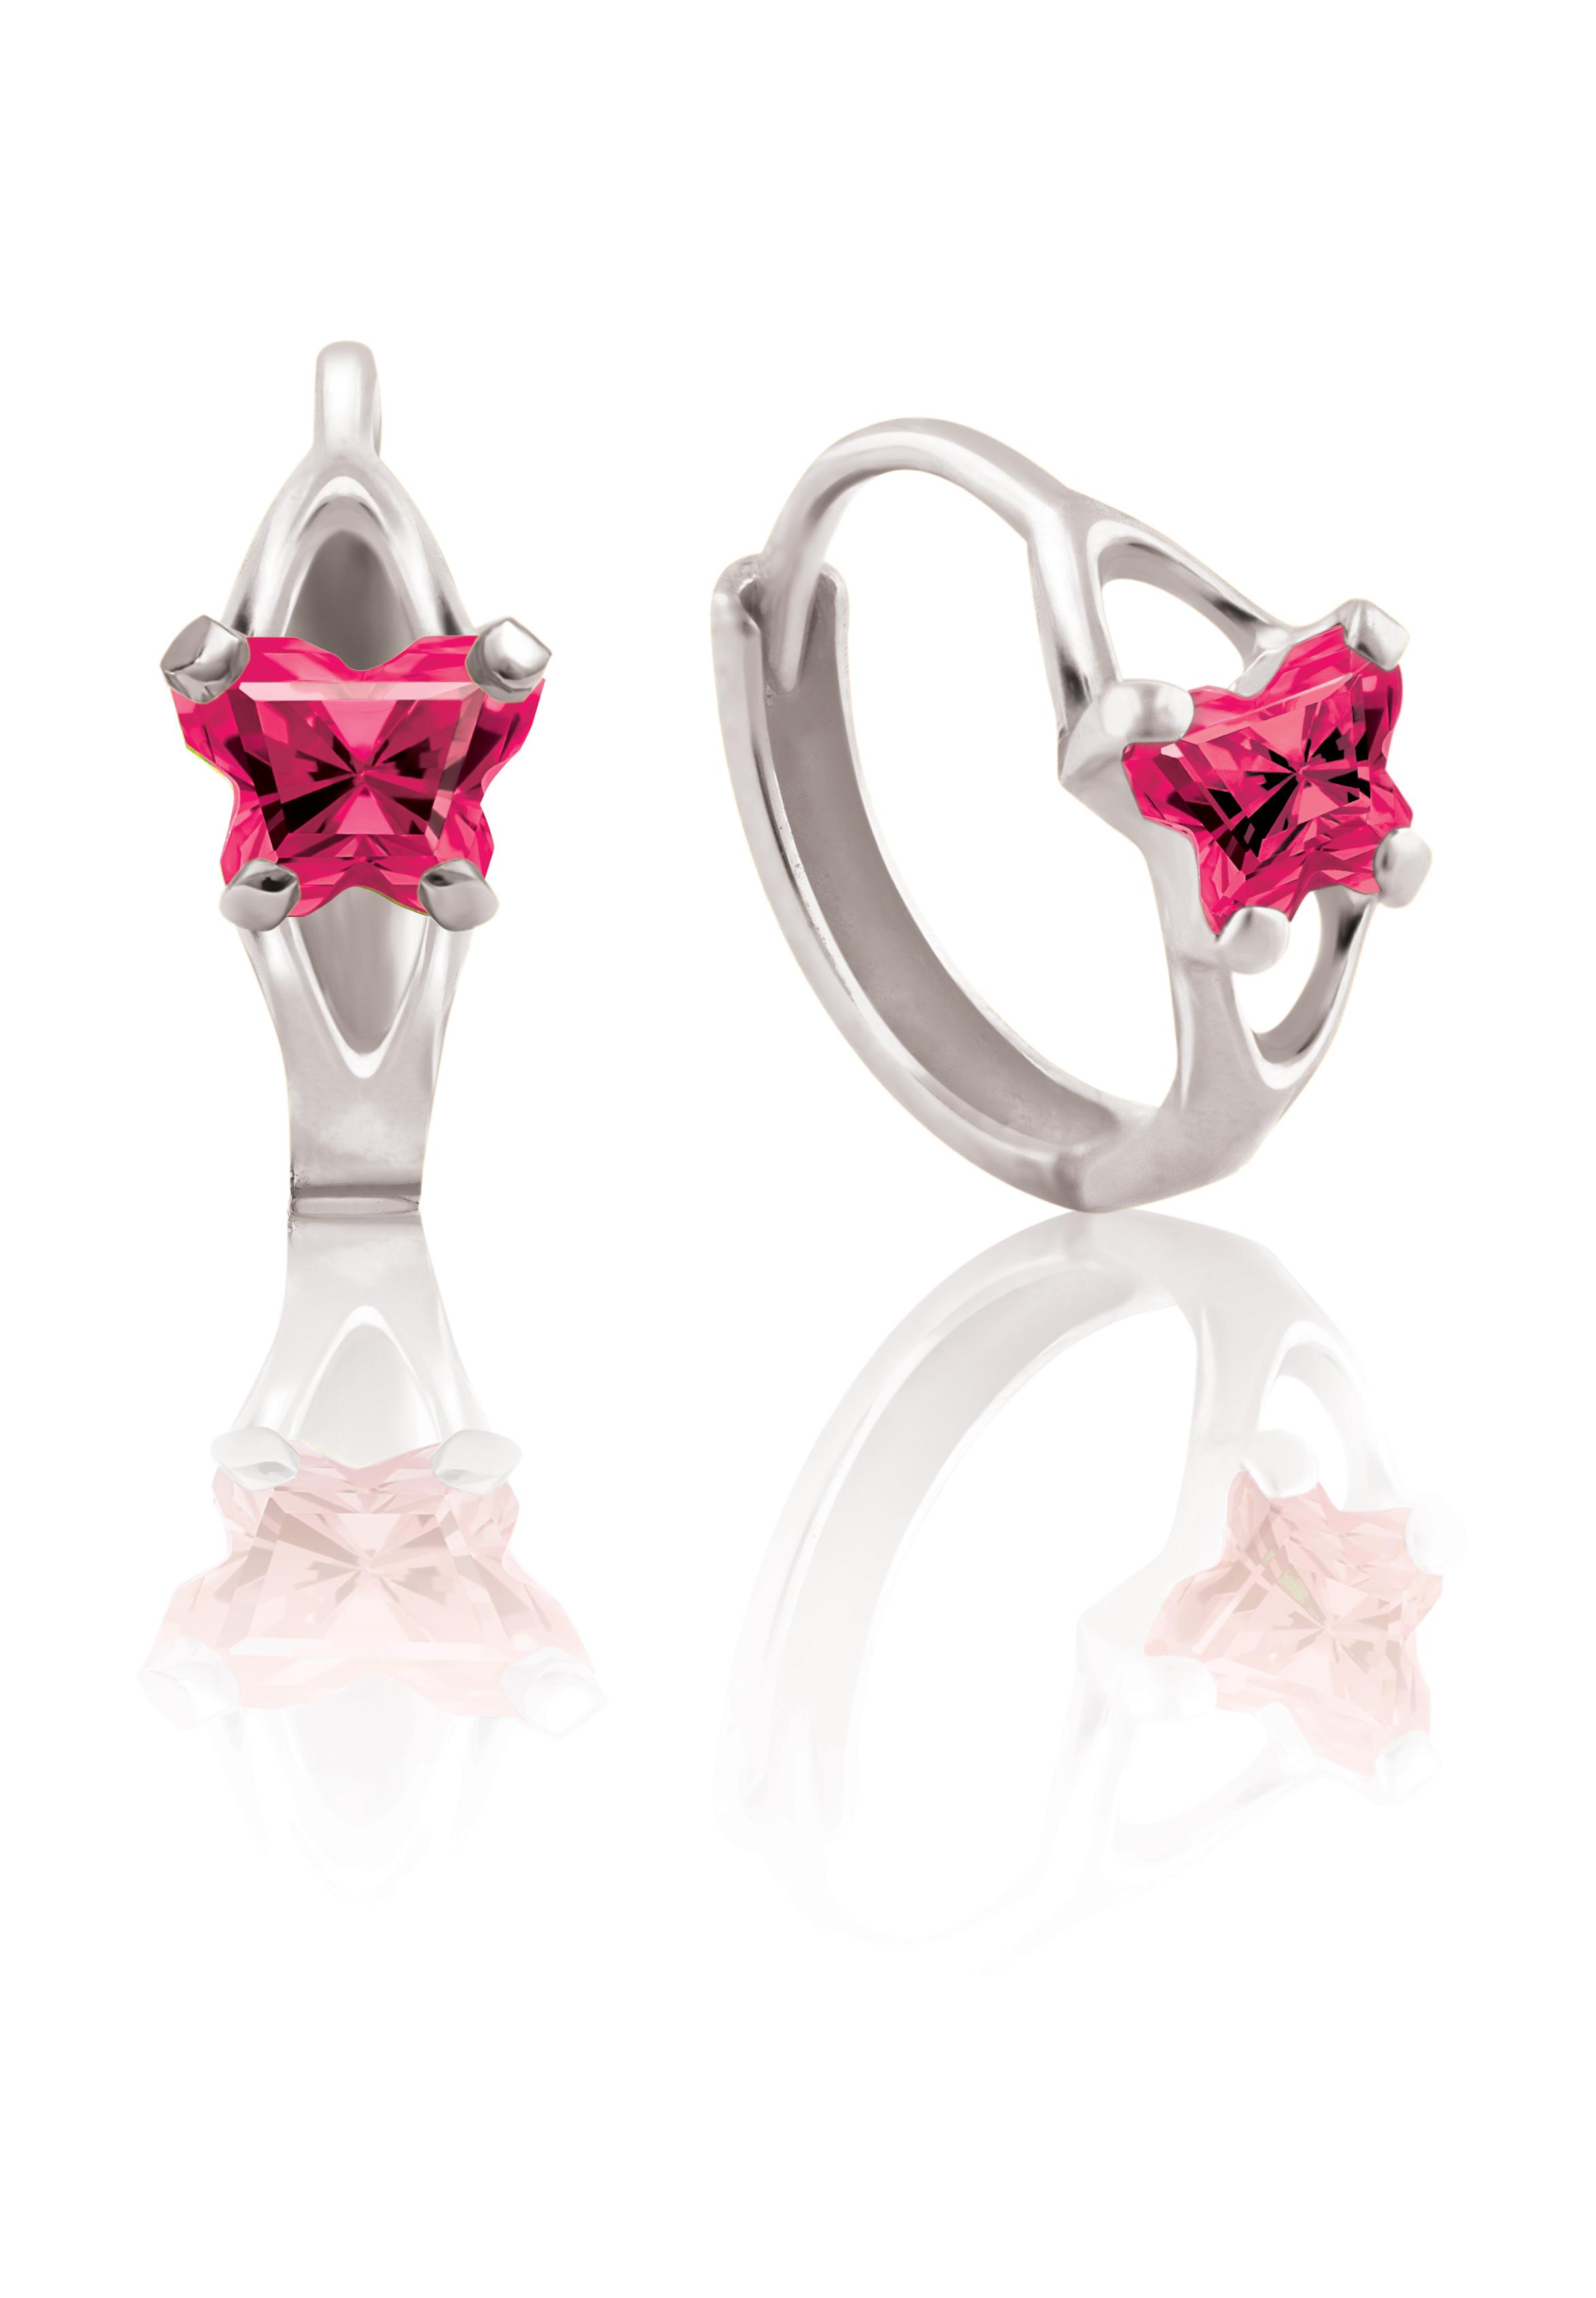 Boucles d'oreilles BFLY de genre Huggies pour bambins en argent sterling serties de zircons cubiques fuschia (mois de juillet)